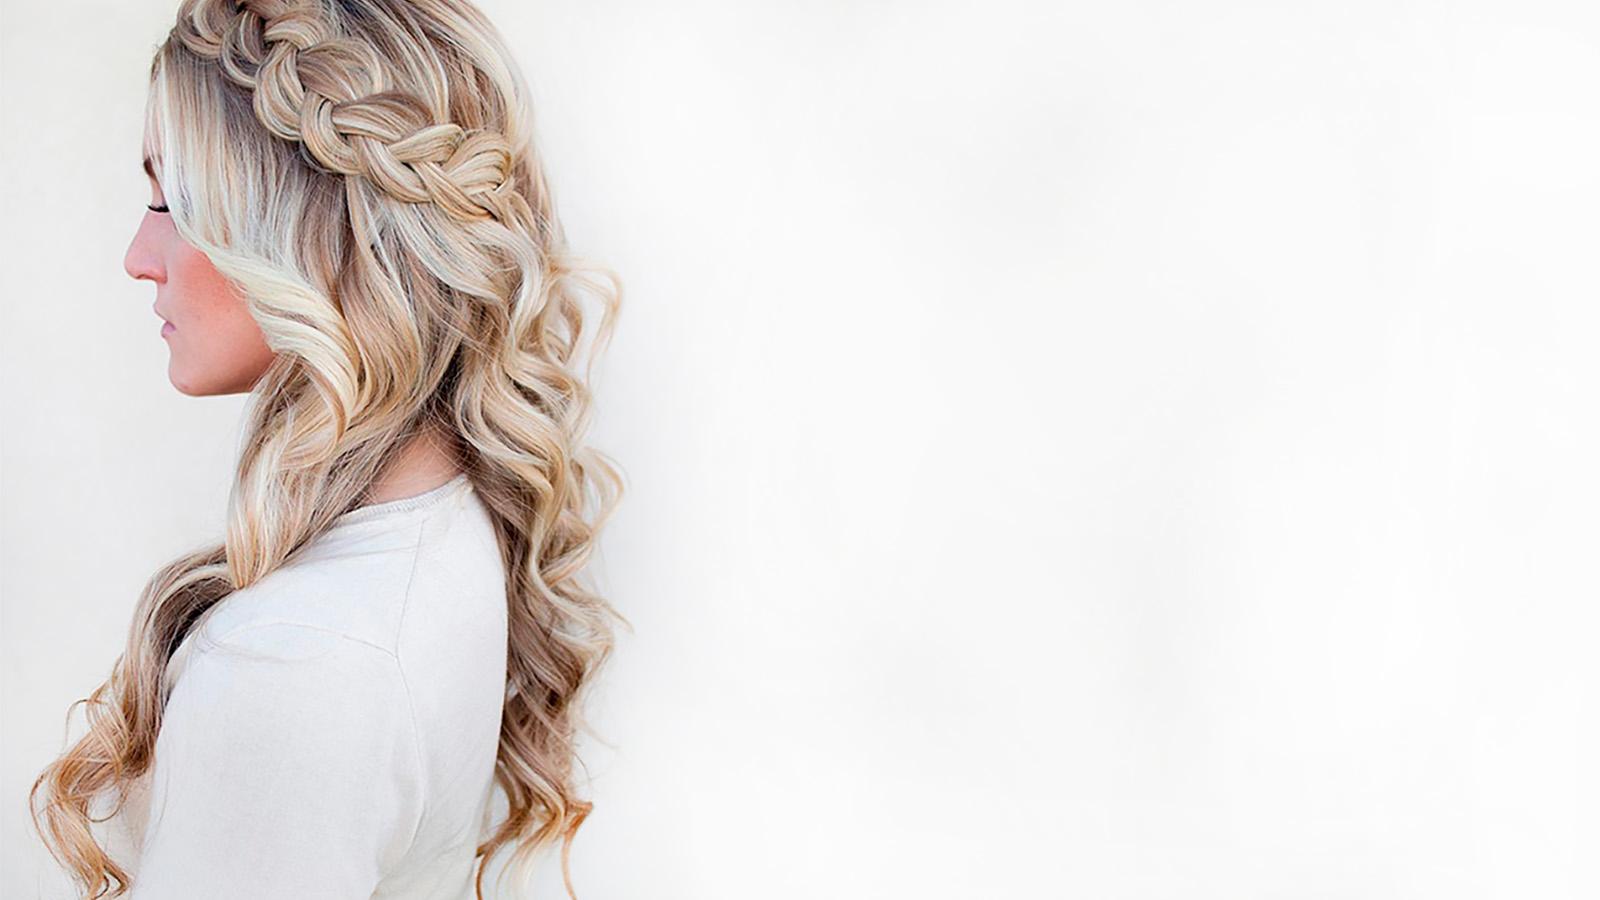 Красивые причёски с косой на длинные волосы фото